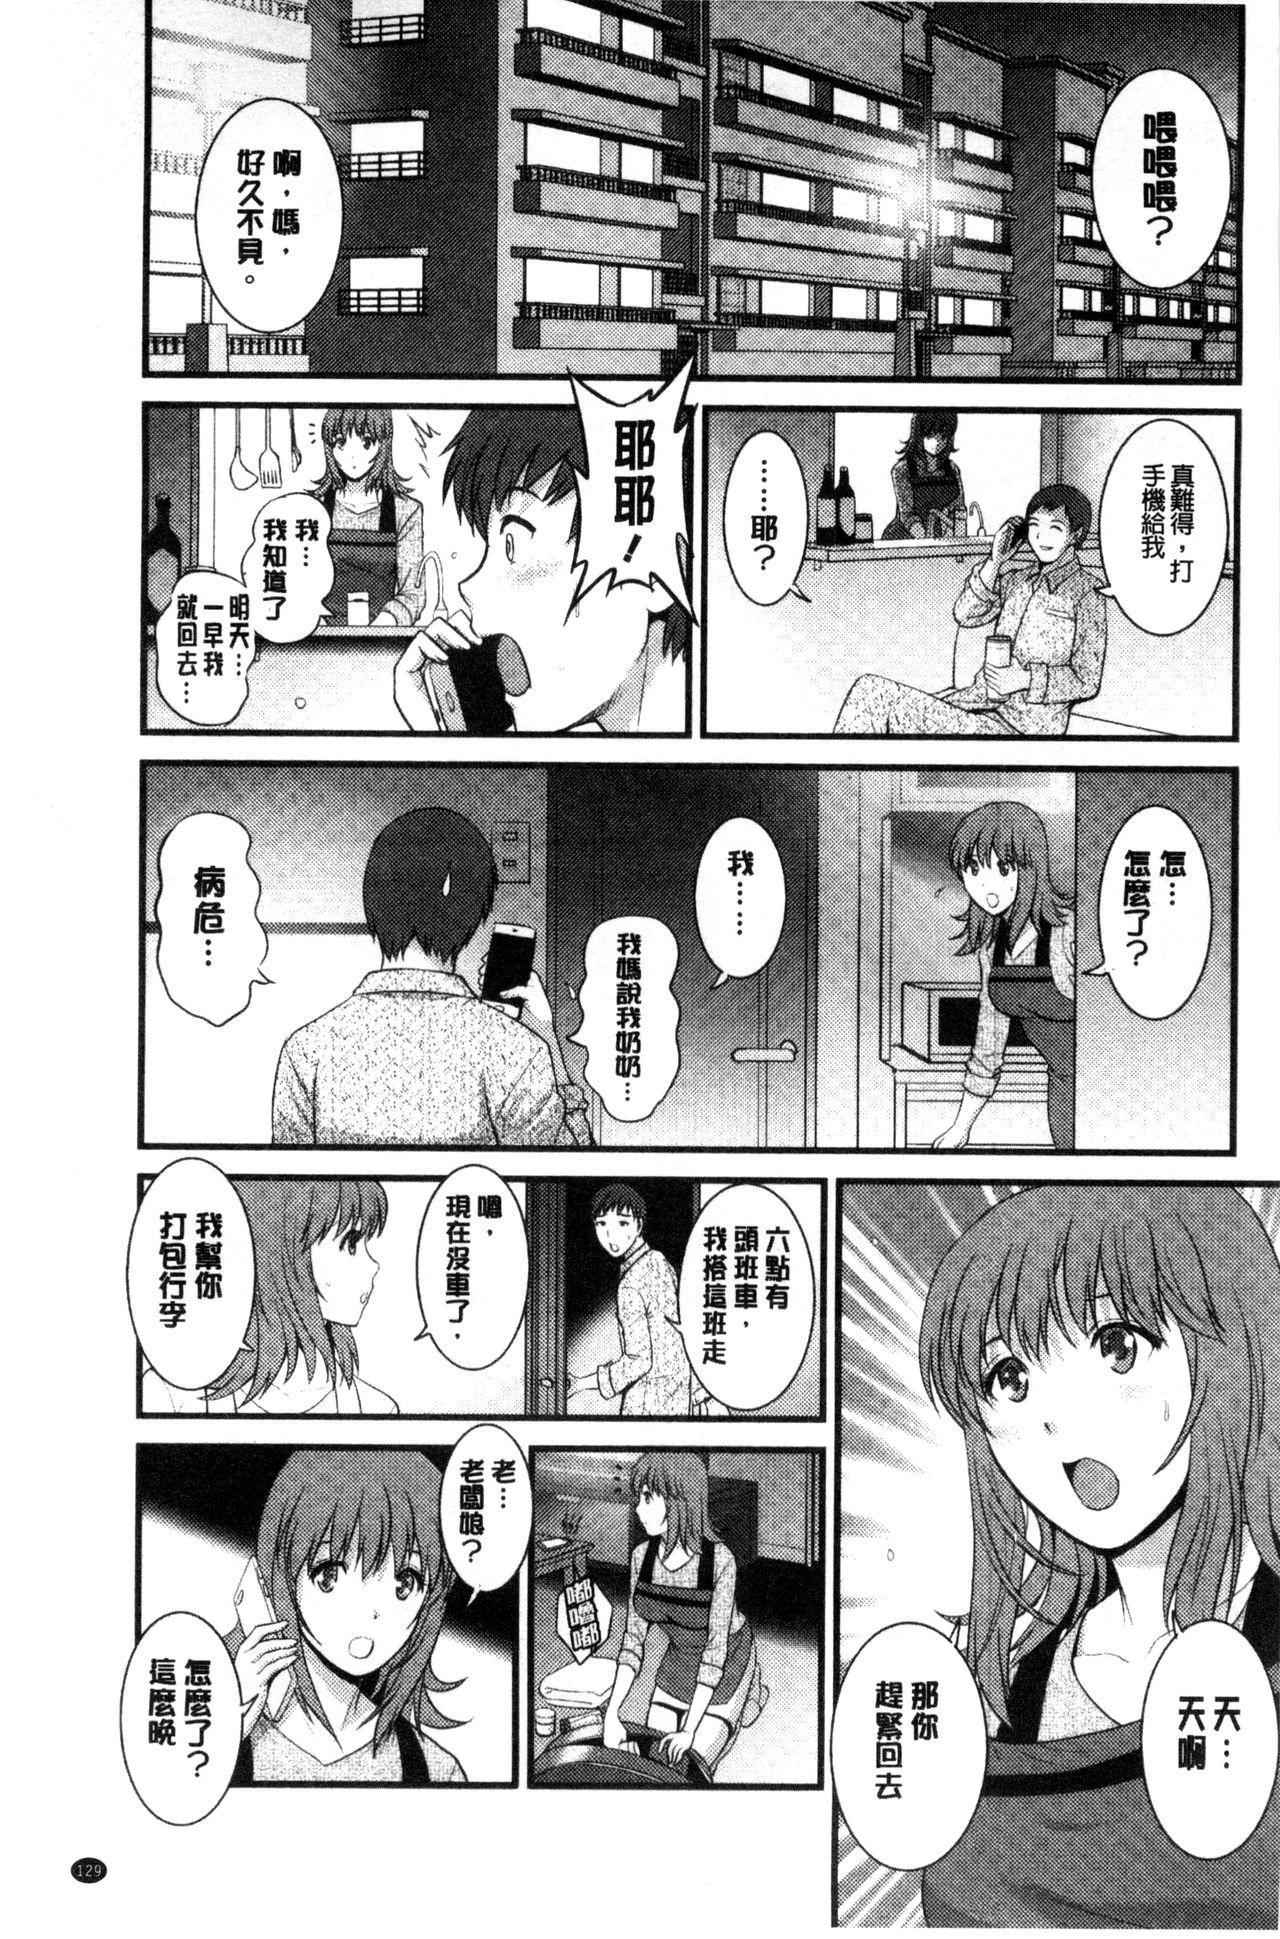 [Saigado] Part Time Manaka-san Wakazuma Enjokousai-ki | 兼職打工的愛花小姐 [Chinese] 129